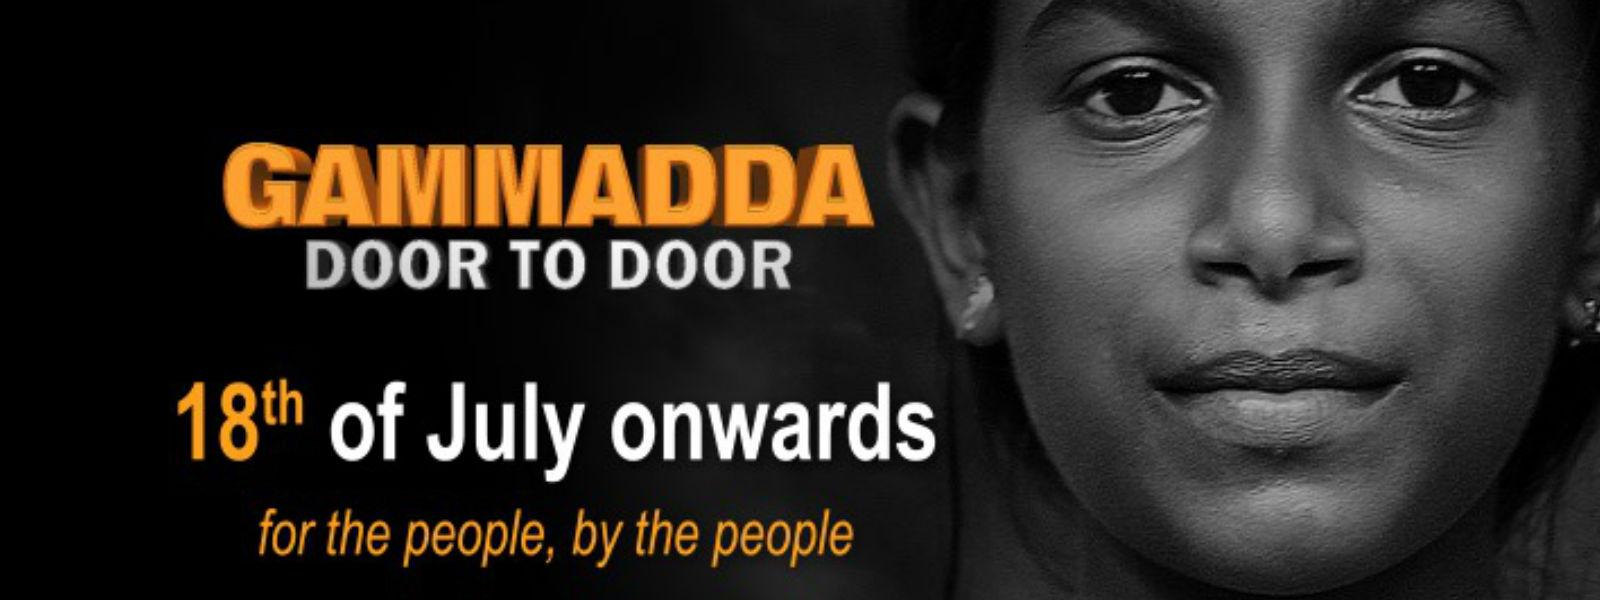 Gammadda Door to Door Phase IV begins